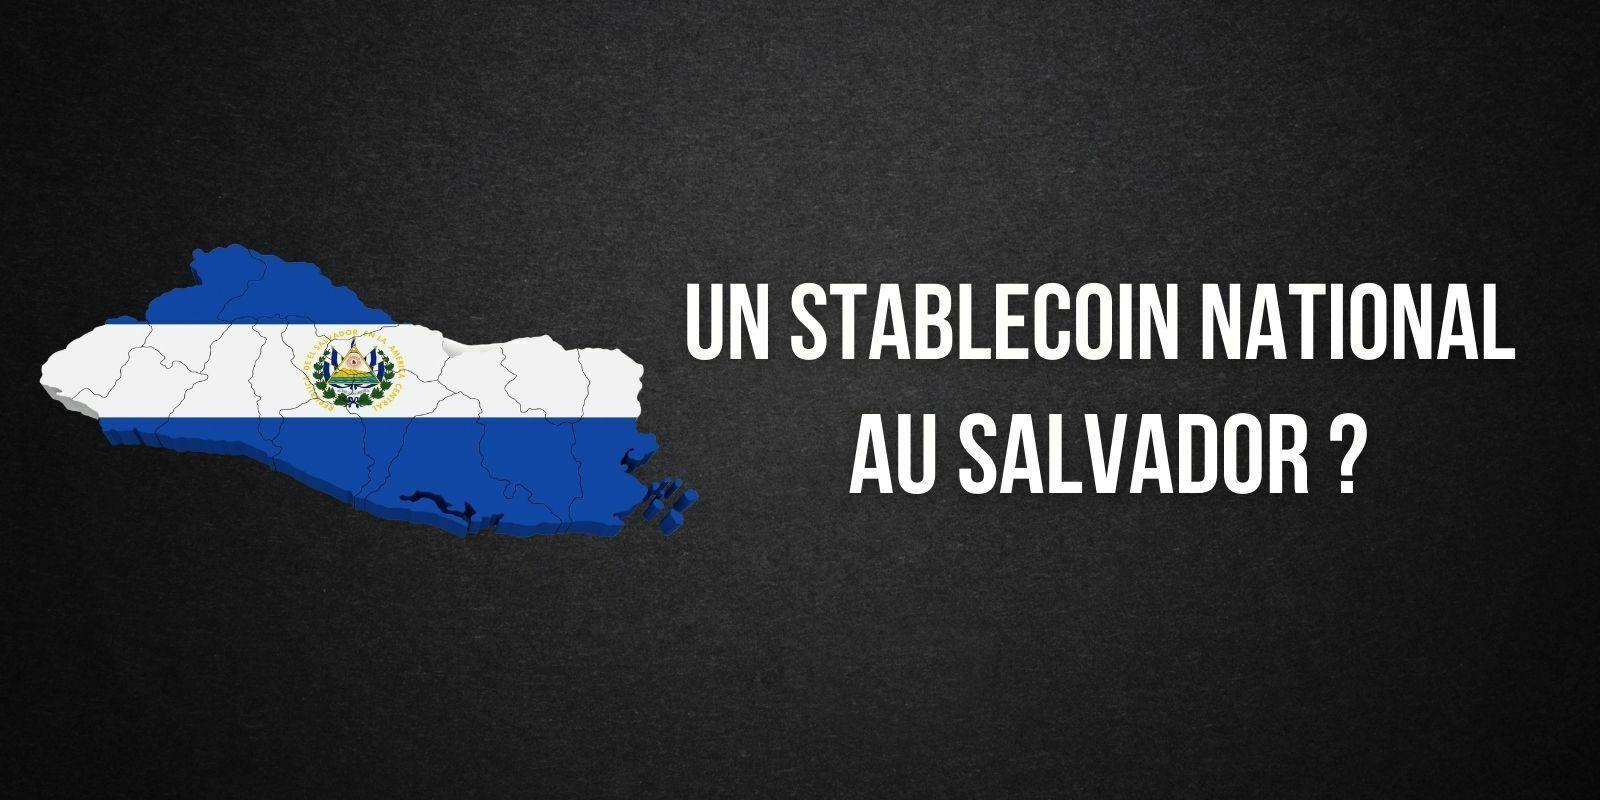 Le Salvador pourrait lancer un stablecoin national